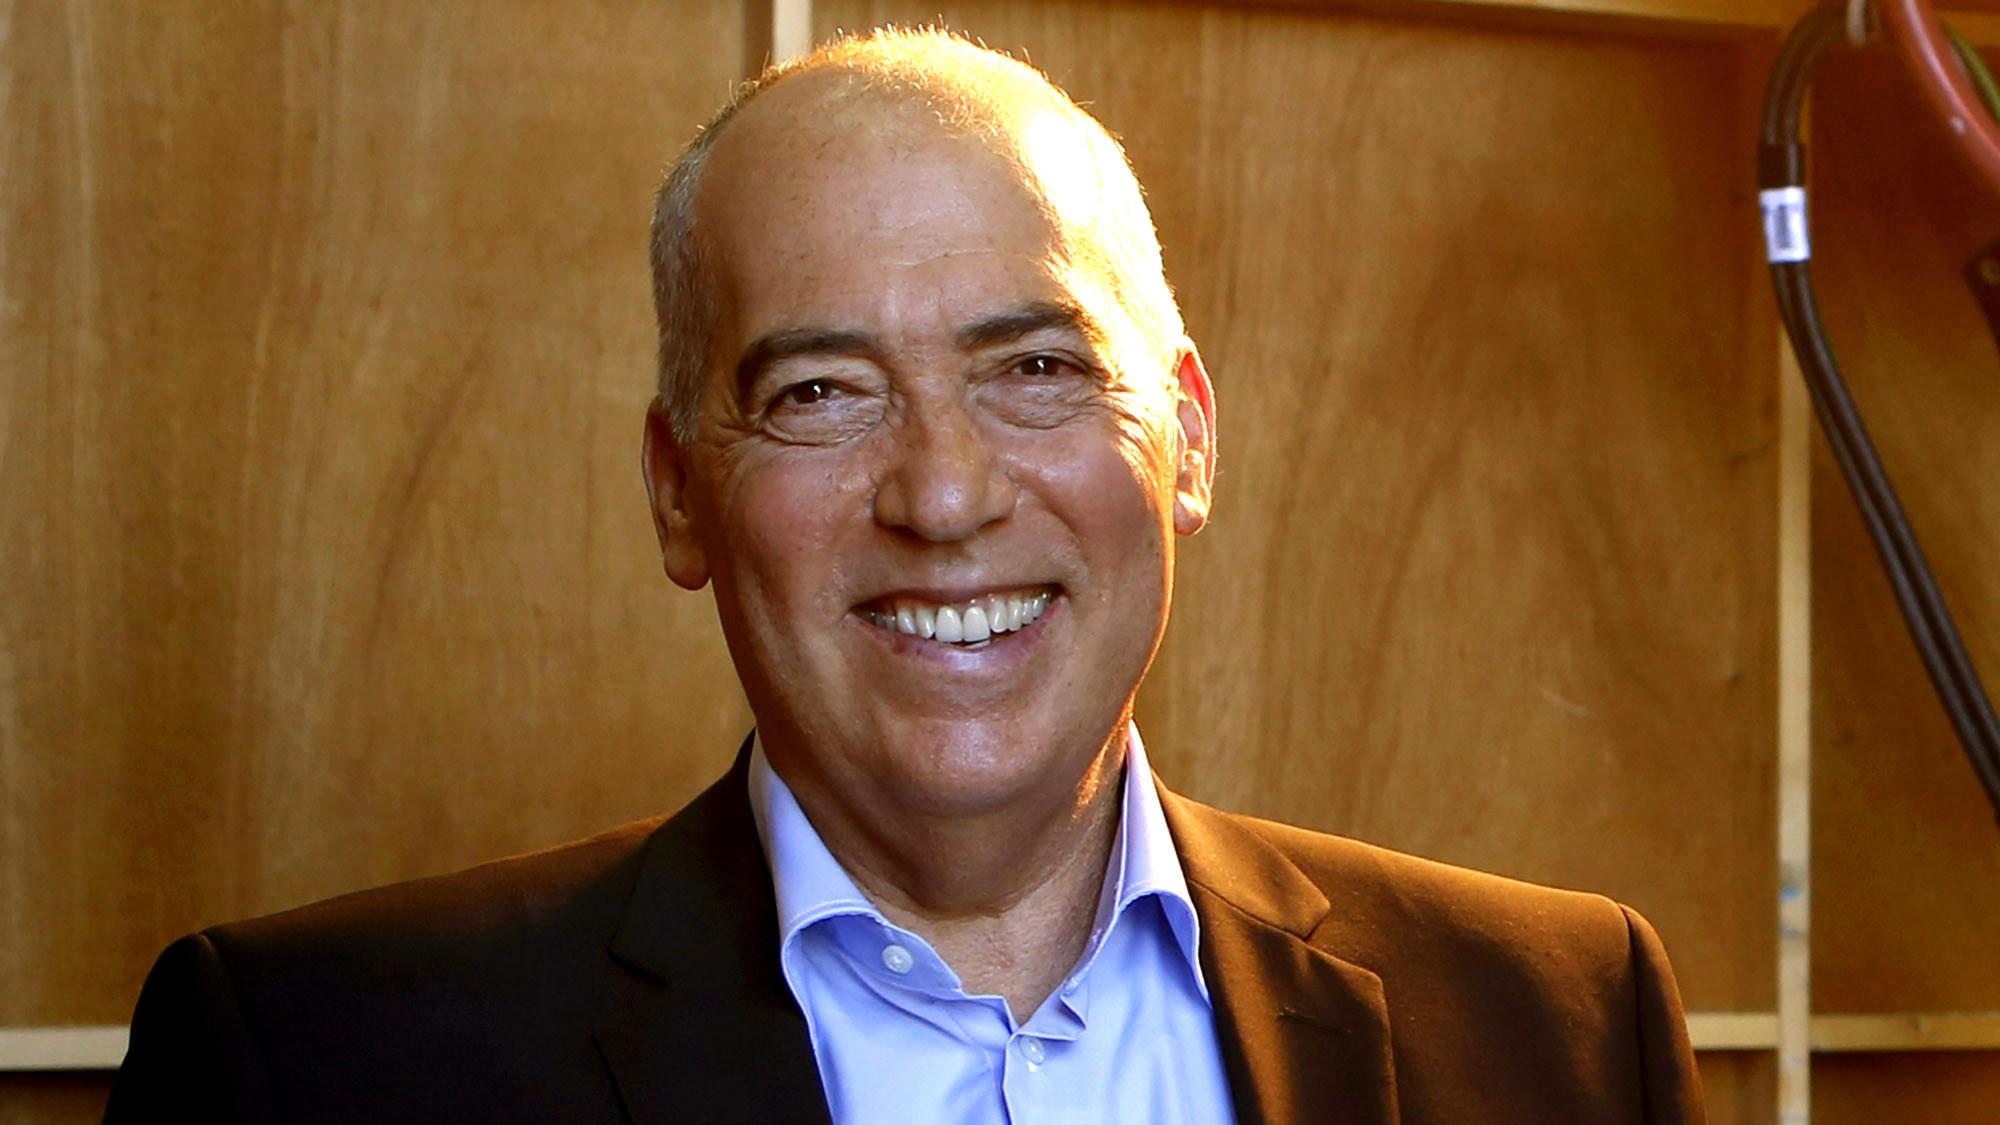 Gary Newman Chairman & CEO, Fox Television Group